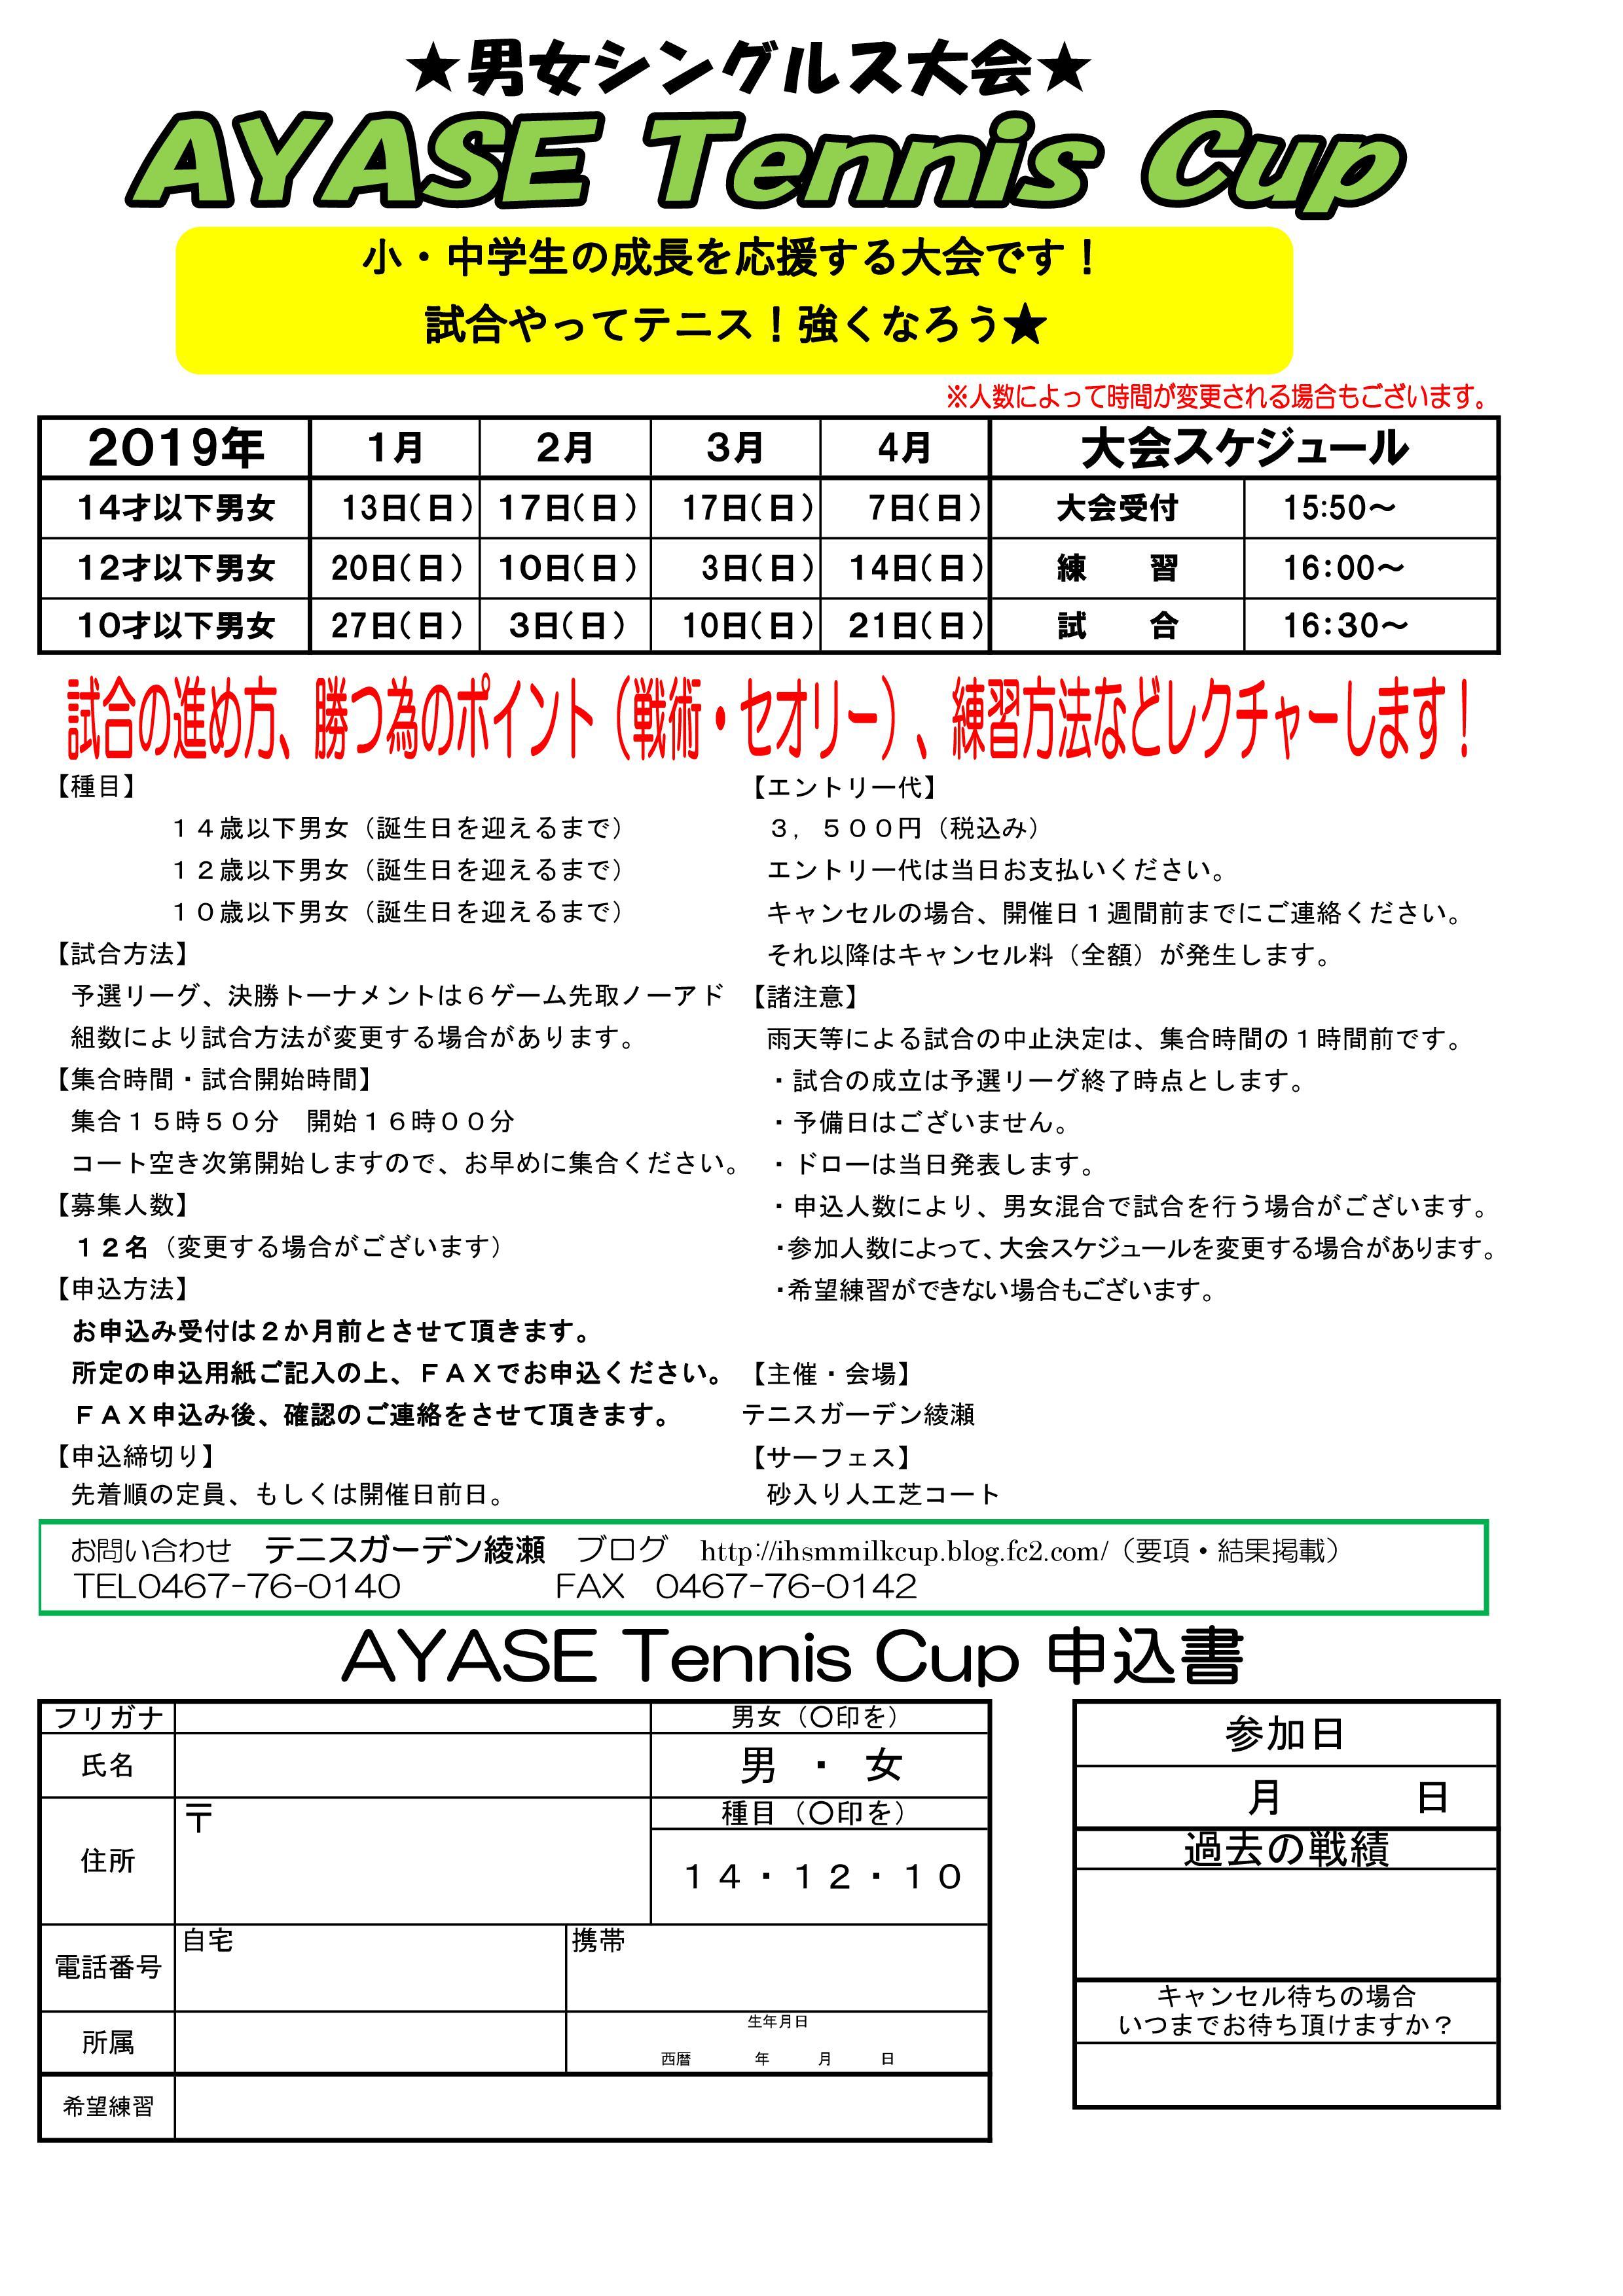 1901~1912要項 AYASE TENNIS CUP1~4月開催要項・申し込み用紙